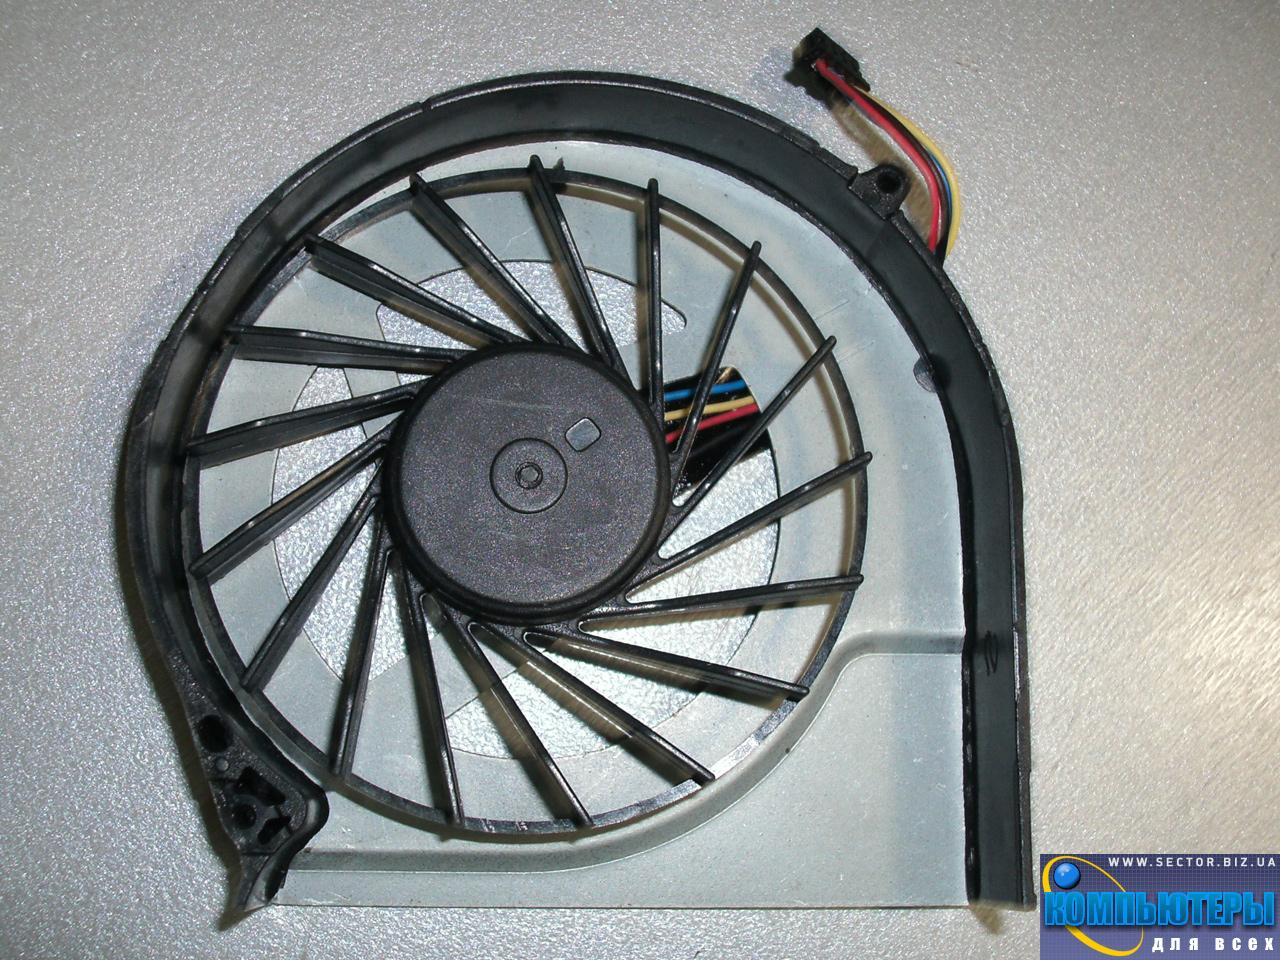 Кулер к ноутбуку HP Pavilion G4-2000 G4-2045TX G4-2006AX G6-2000 G6-2328TX G7-2000 p/n: DFS531205MC0T FB5S 683193-001. Фото № 1.